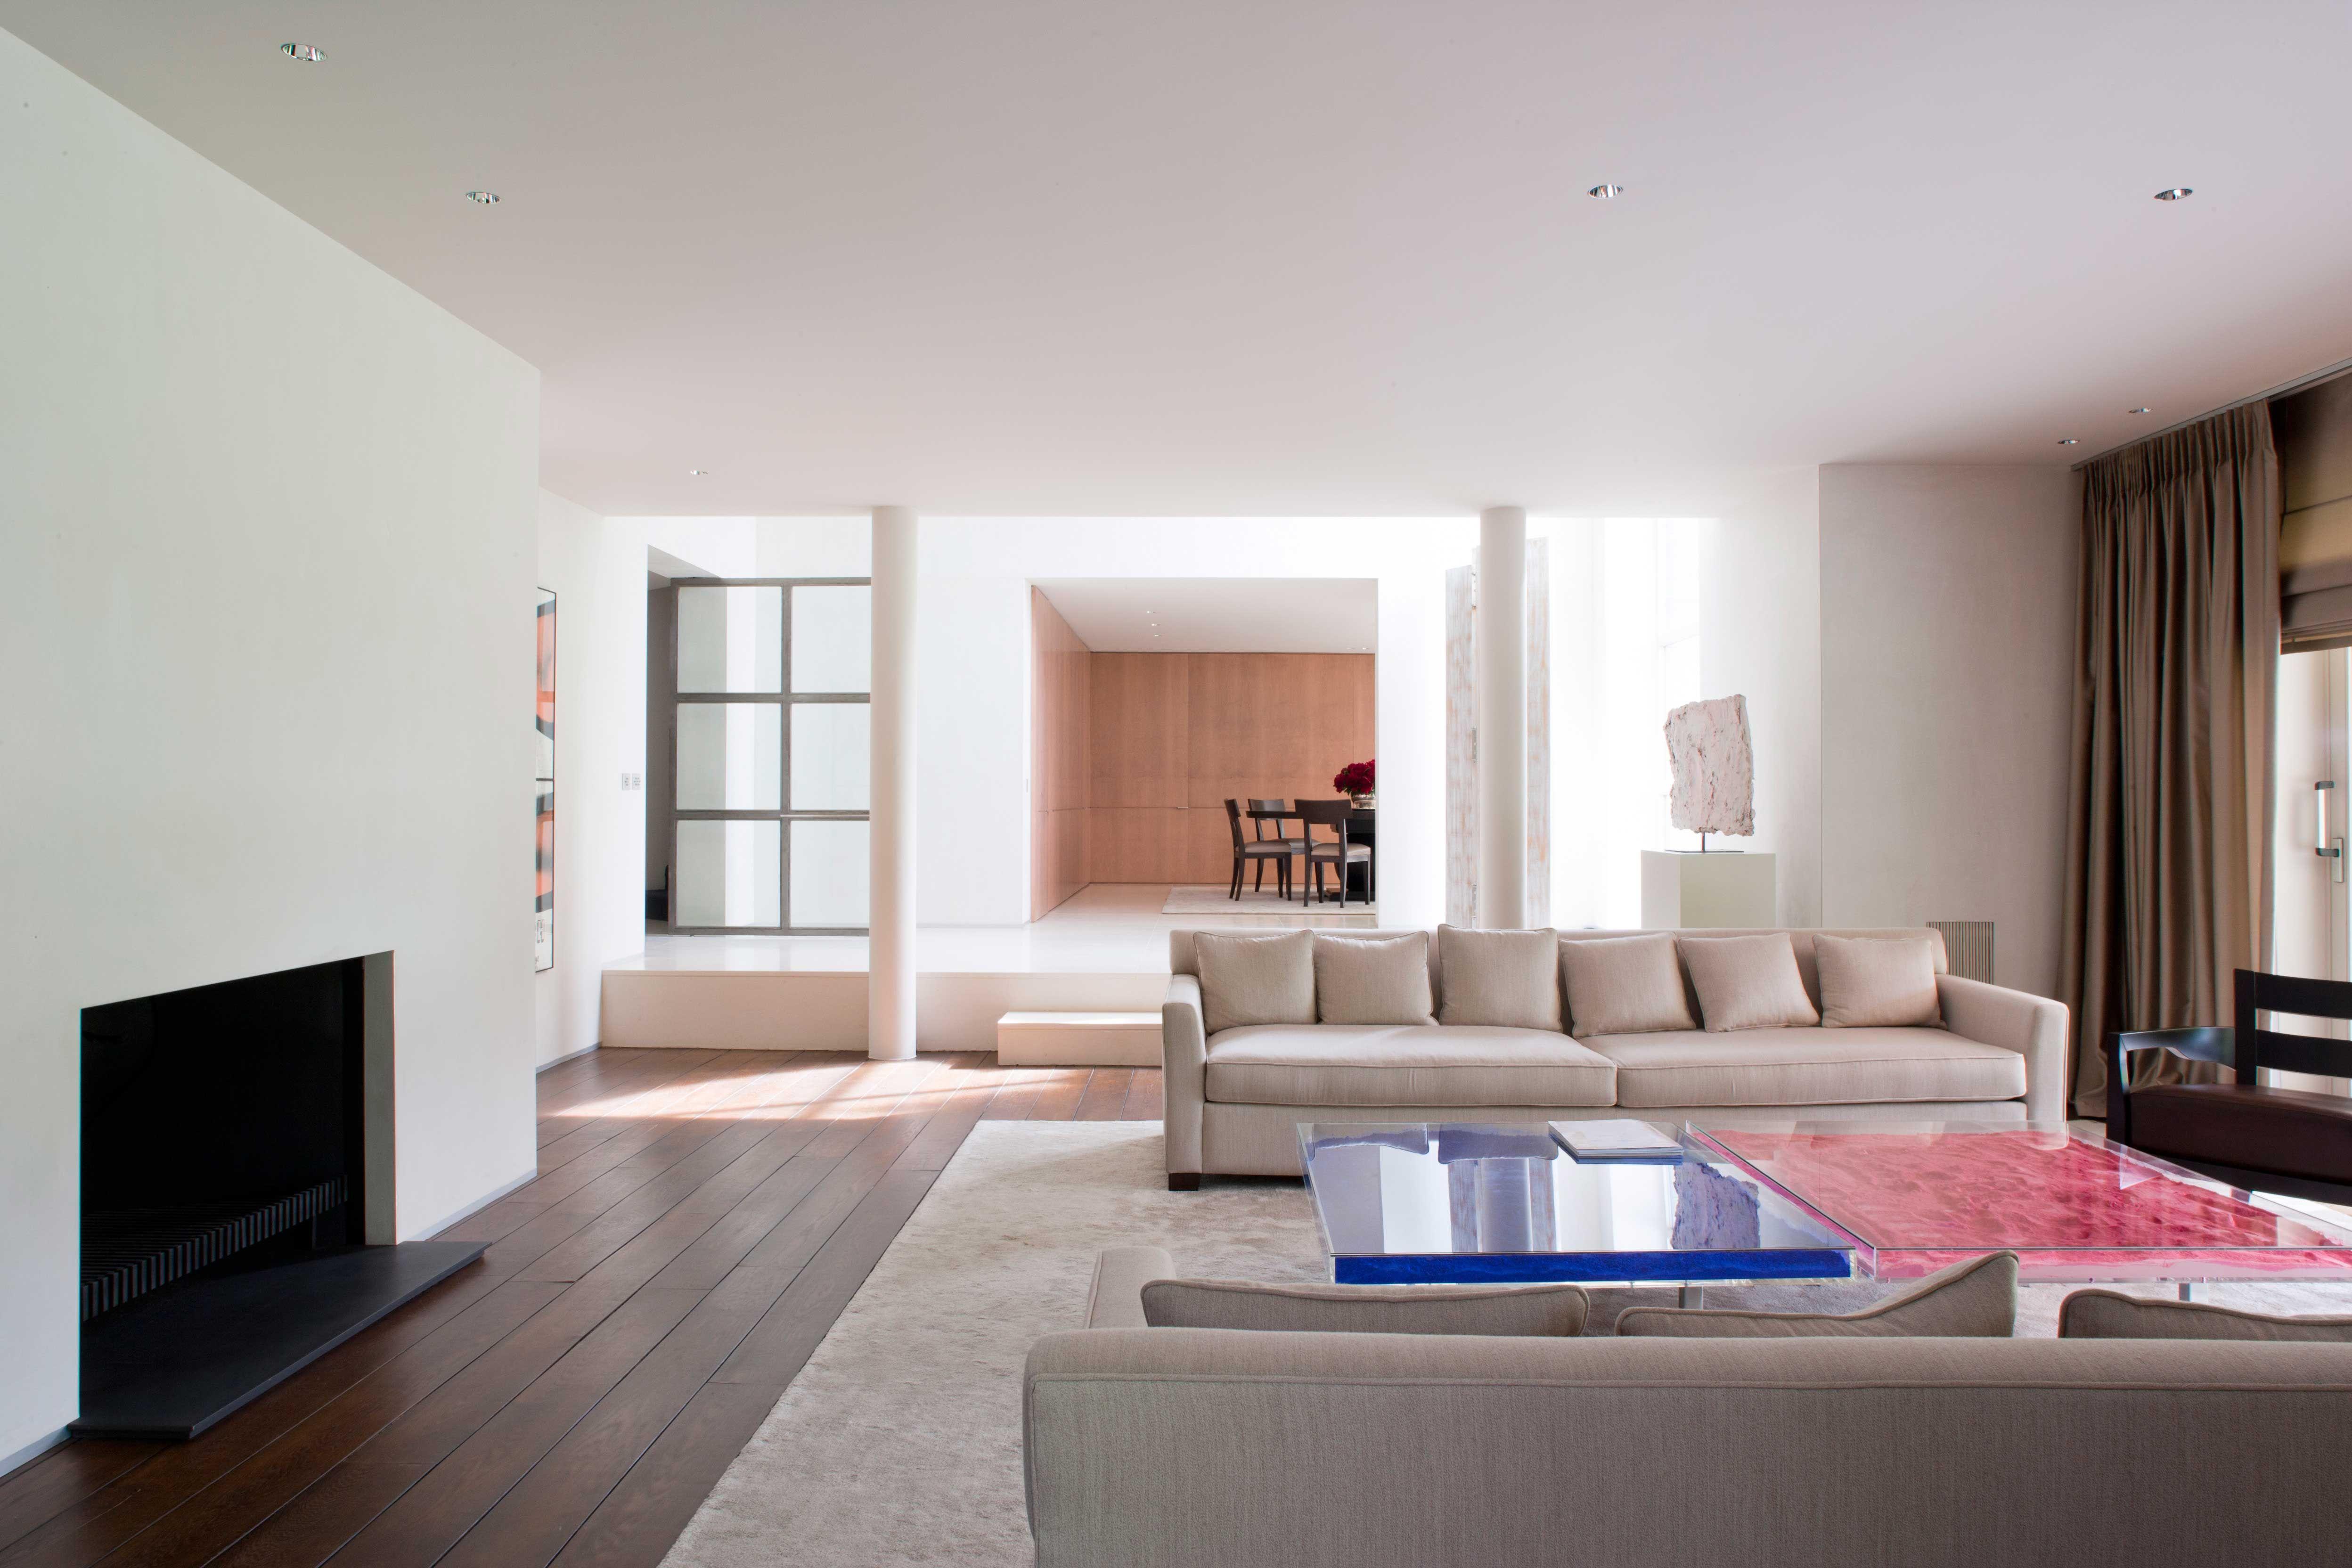 Obumex interior living room spacious design furniture